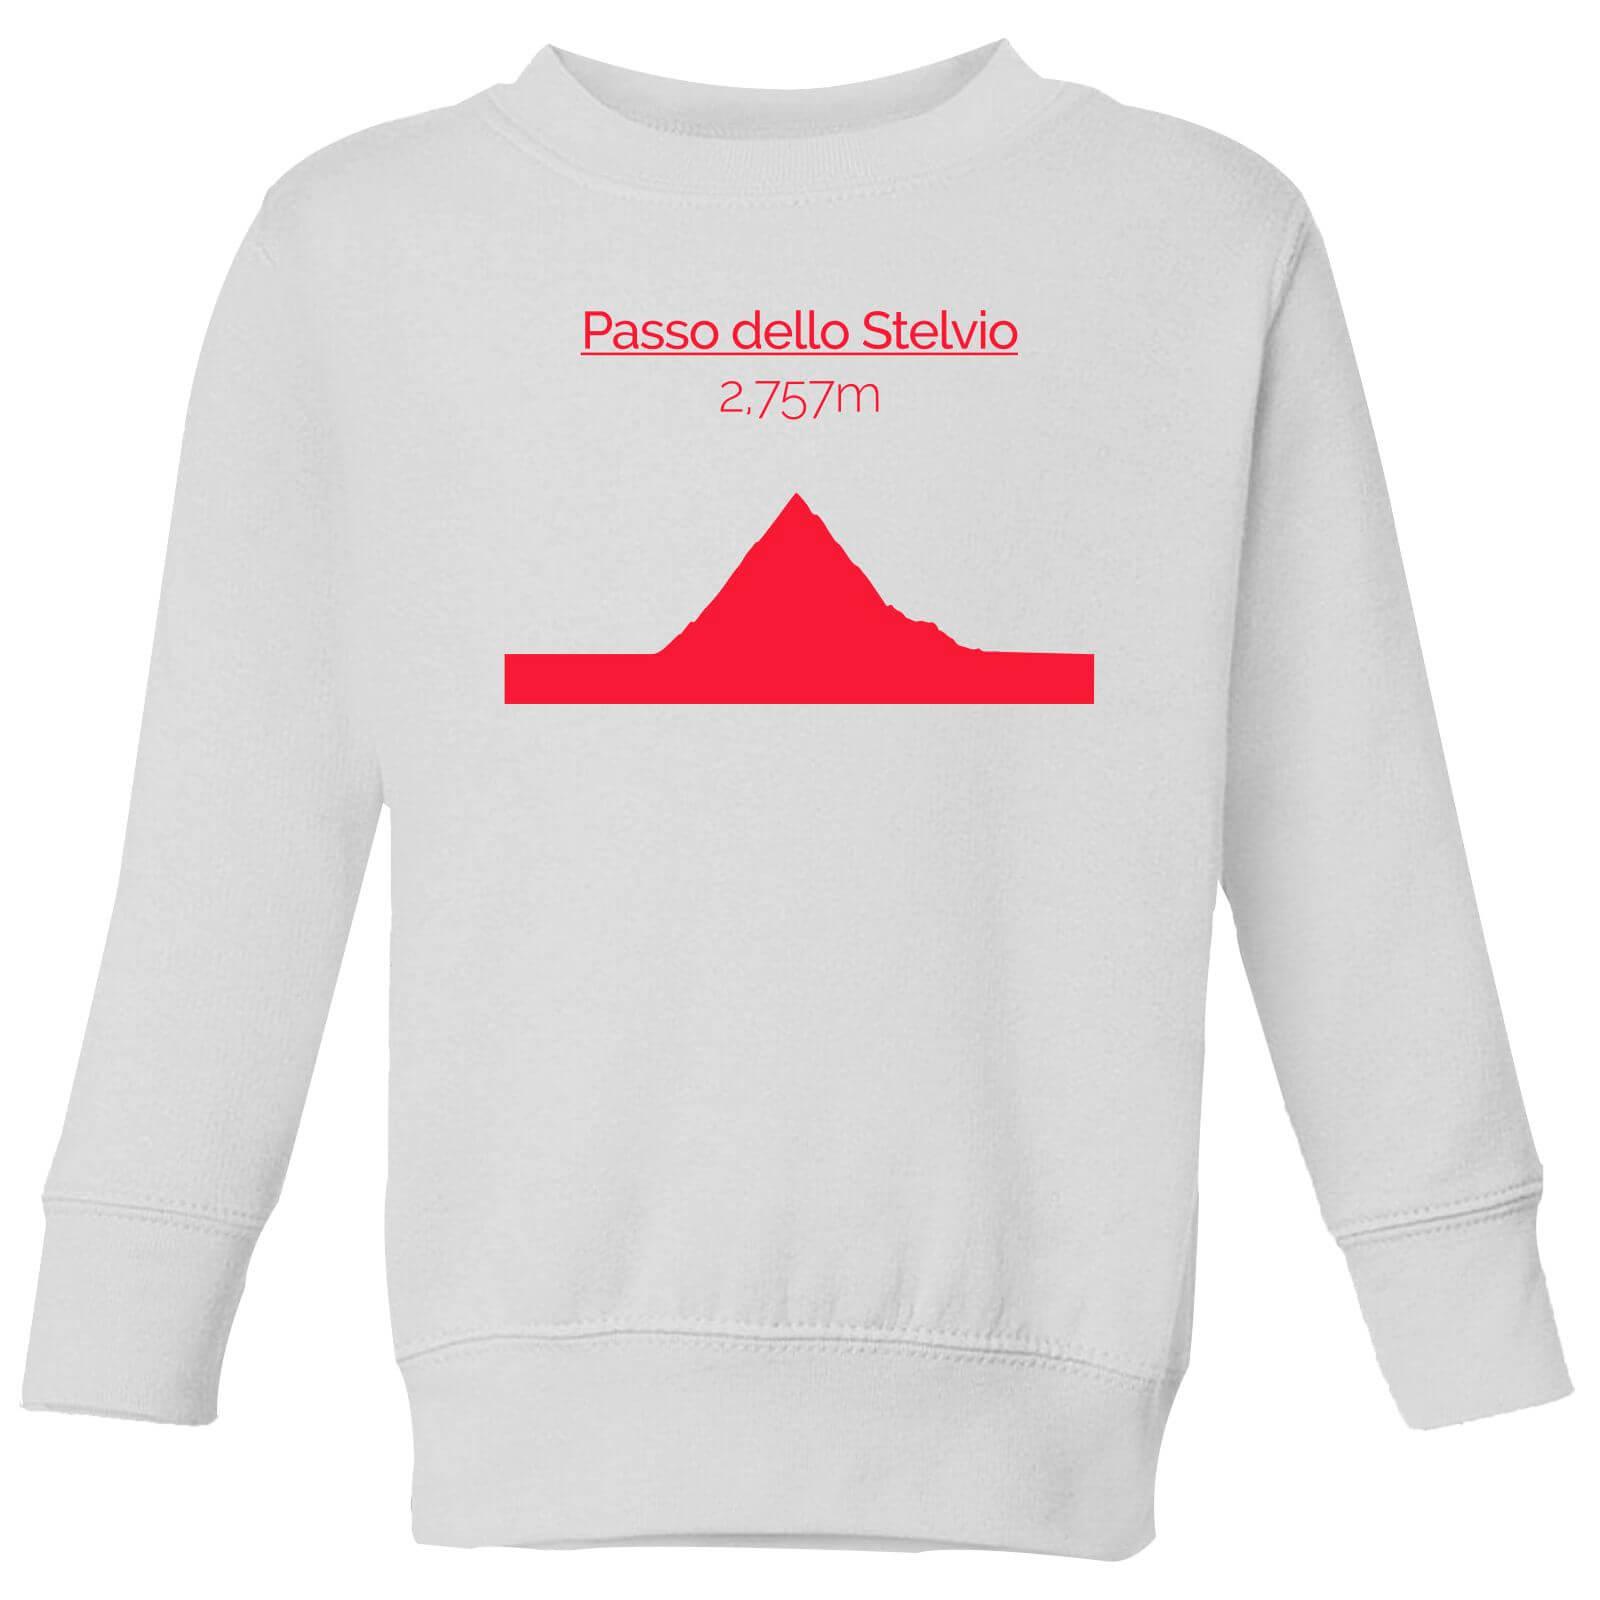 Summit Finish Passo Dello Stelvio Kids' Sweatshirt - White - 7-8 Years - White